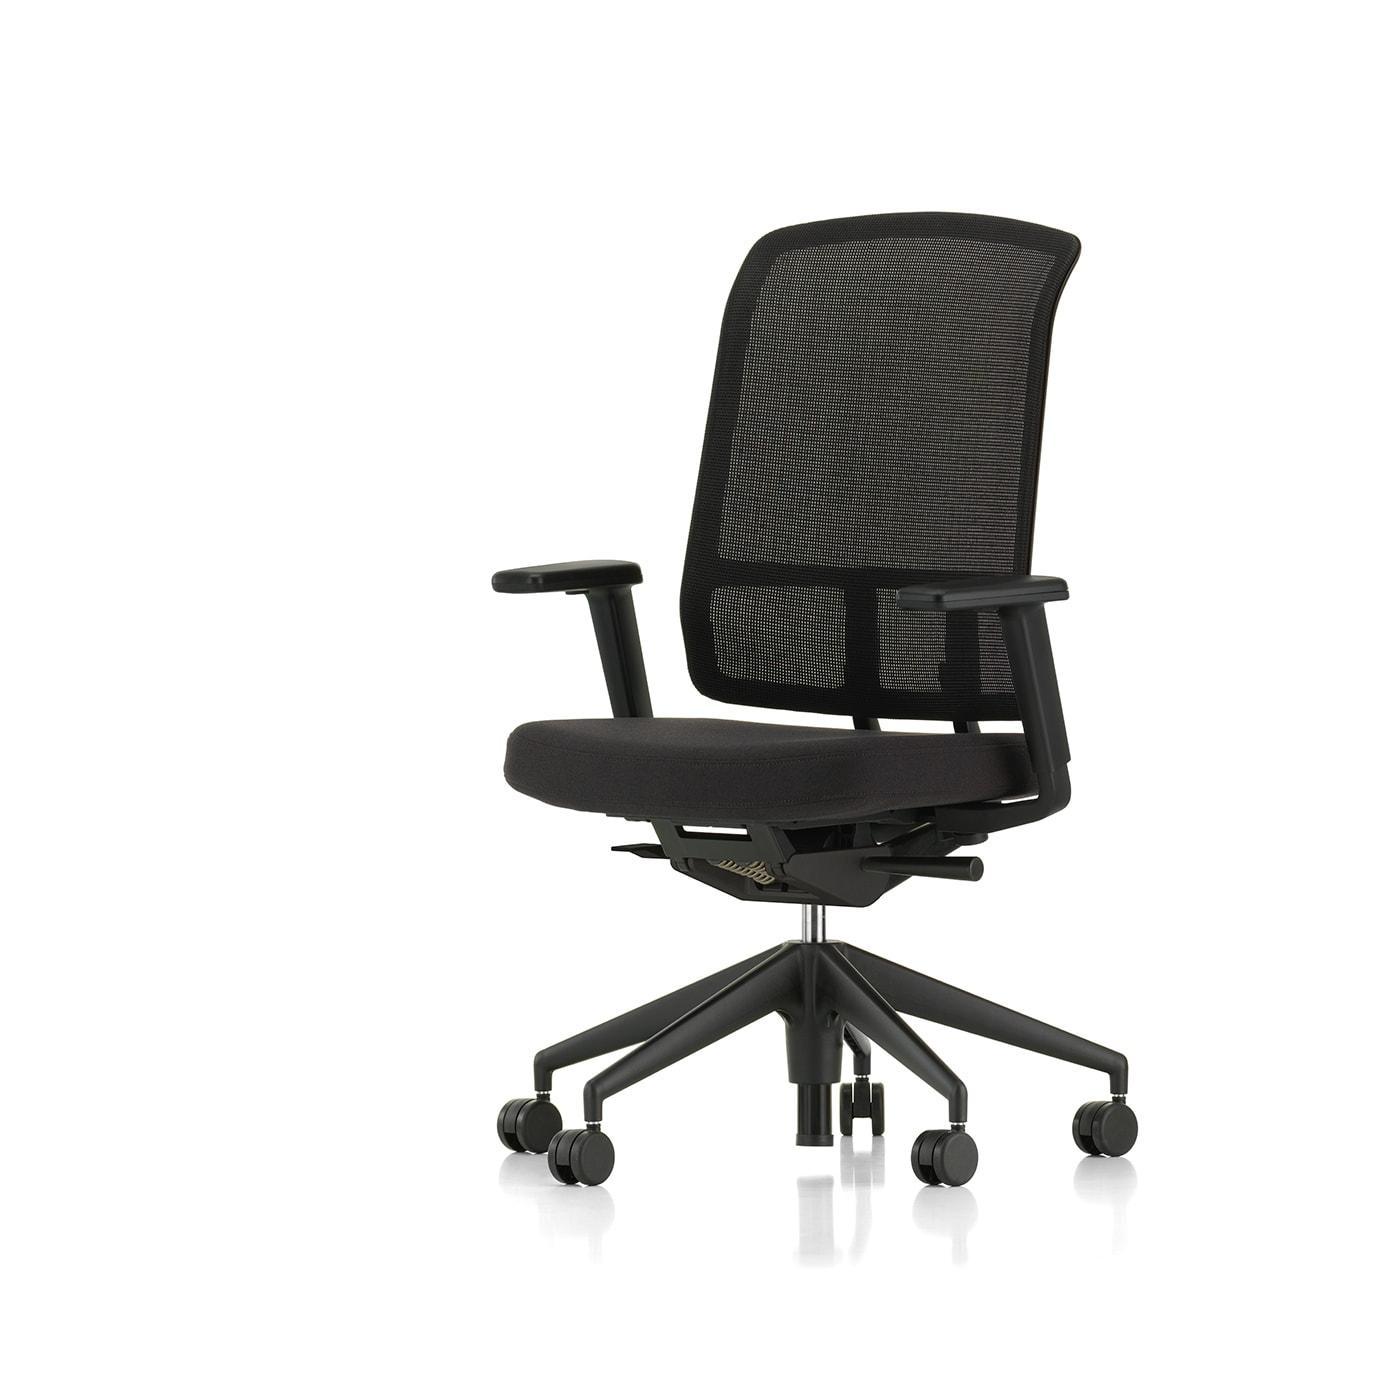 VITR AM chair